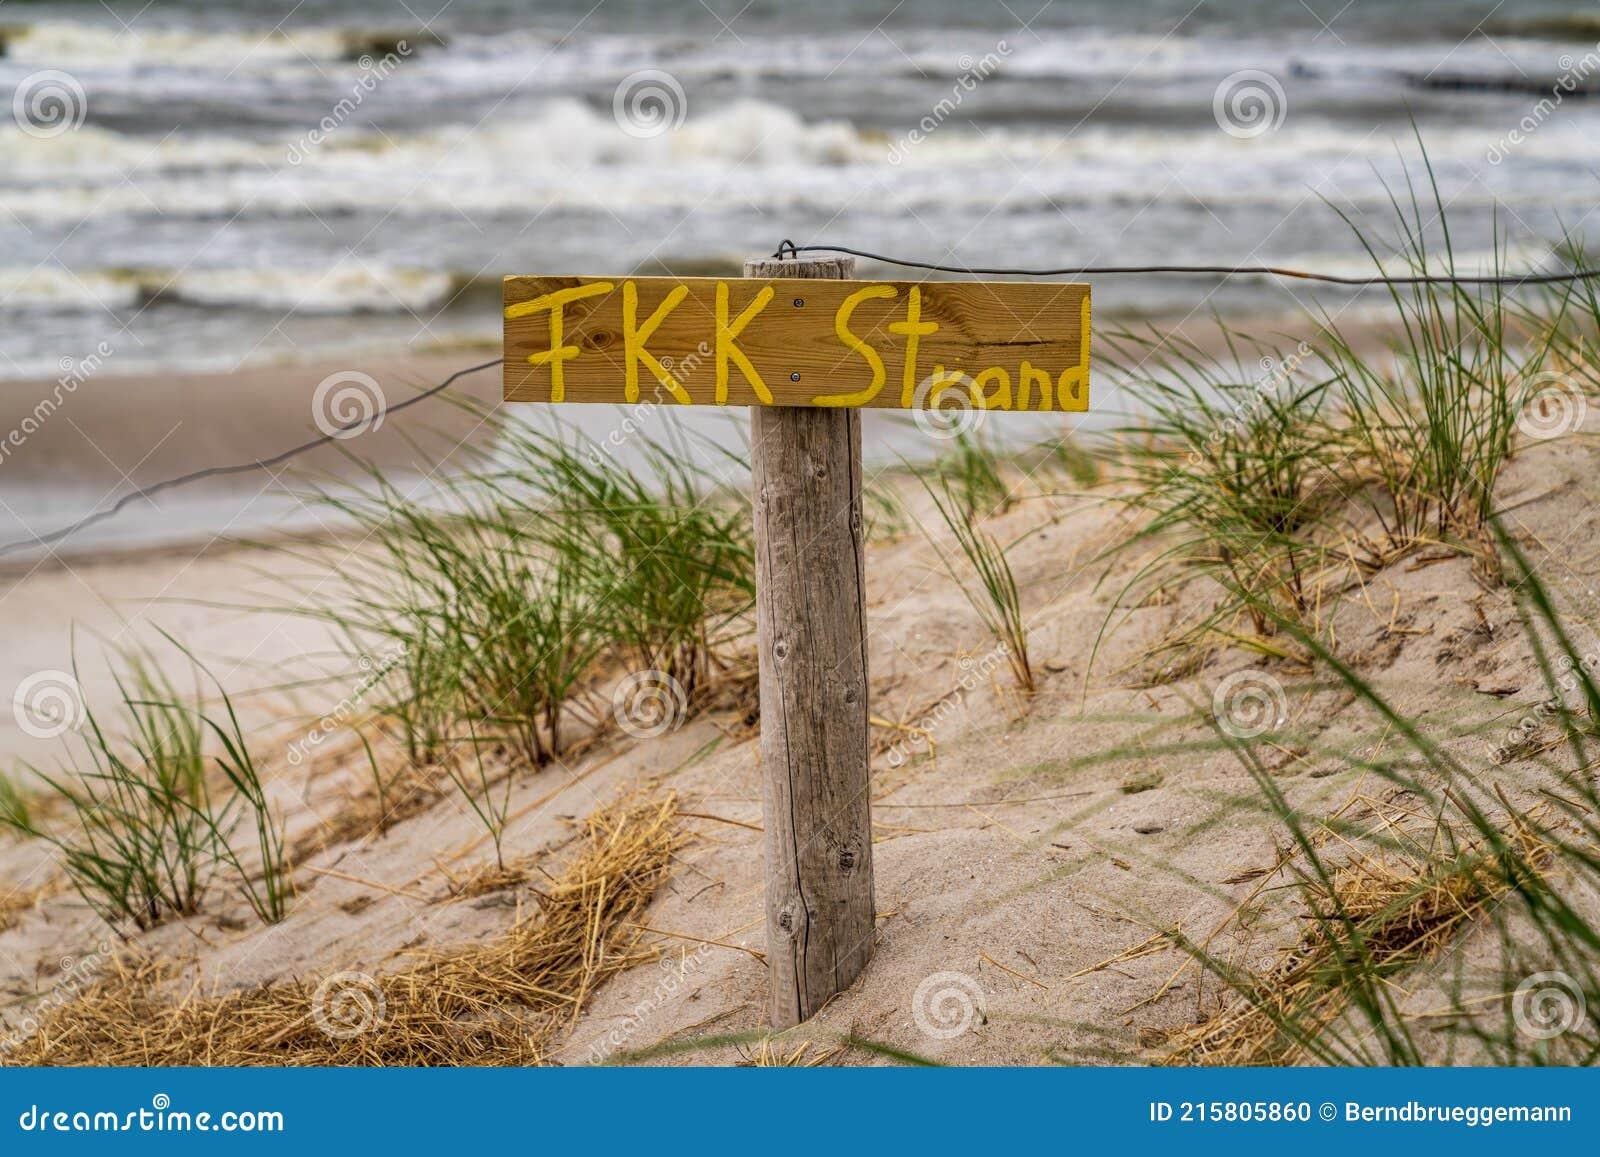 Fkk-videos FKK Family